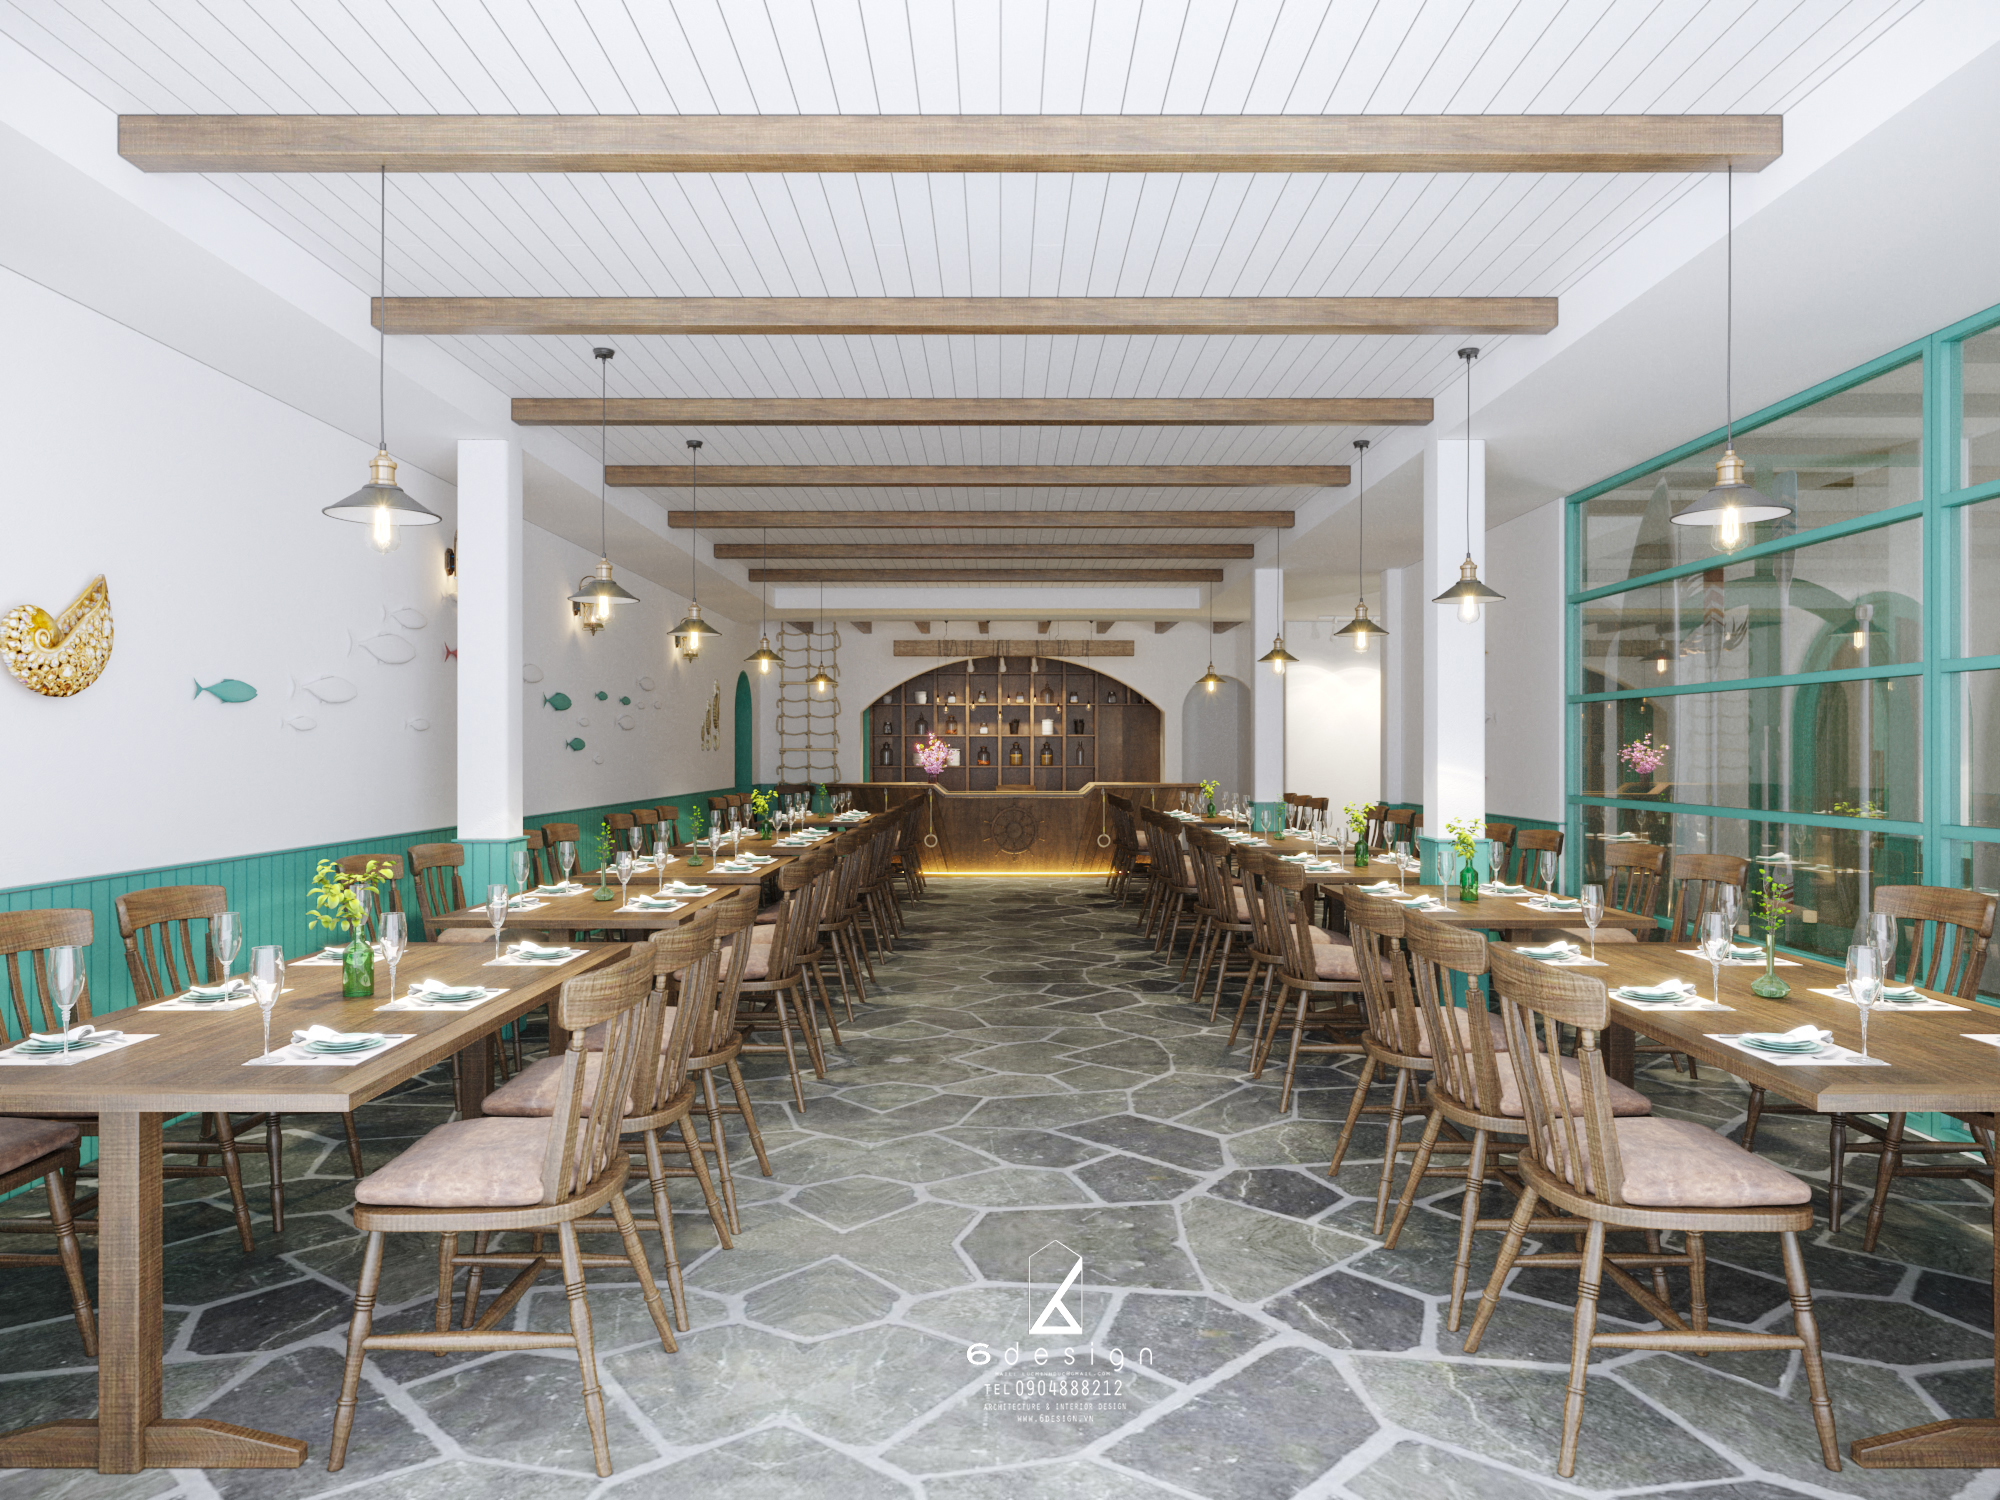 Thiết kế nội thất Nhà Hàng tại Hà Nội NHÀ HÀNG THẾ GIỚI HẢI SẢN 1590724251 4